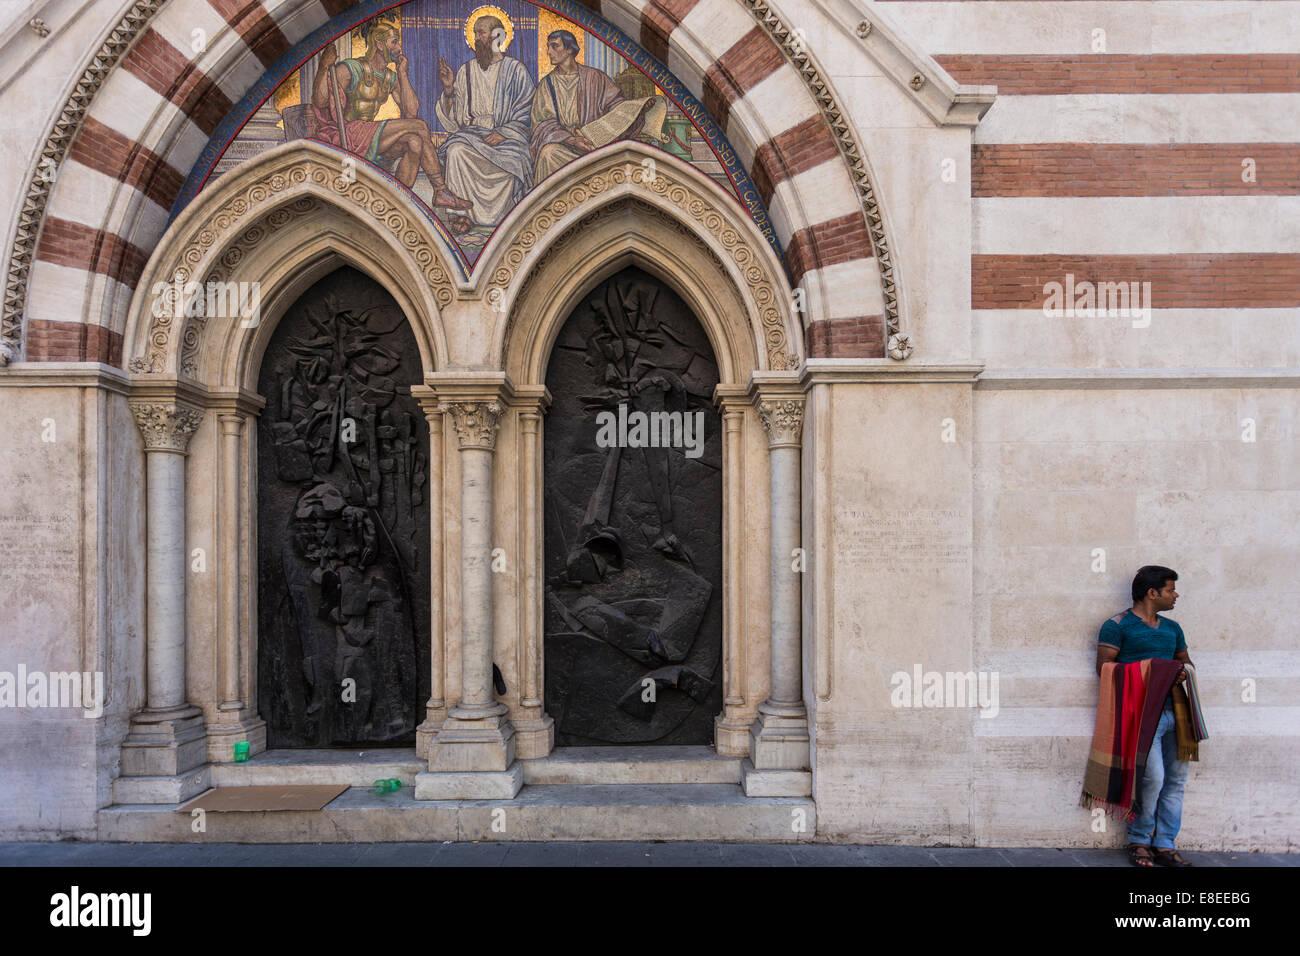 Venditore al di fuori di San Paolo entro le mura (San Paolo dentro le mura, aka Chiesa americana a Roma), Roma, Immagini Stock